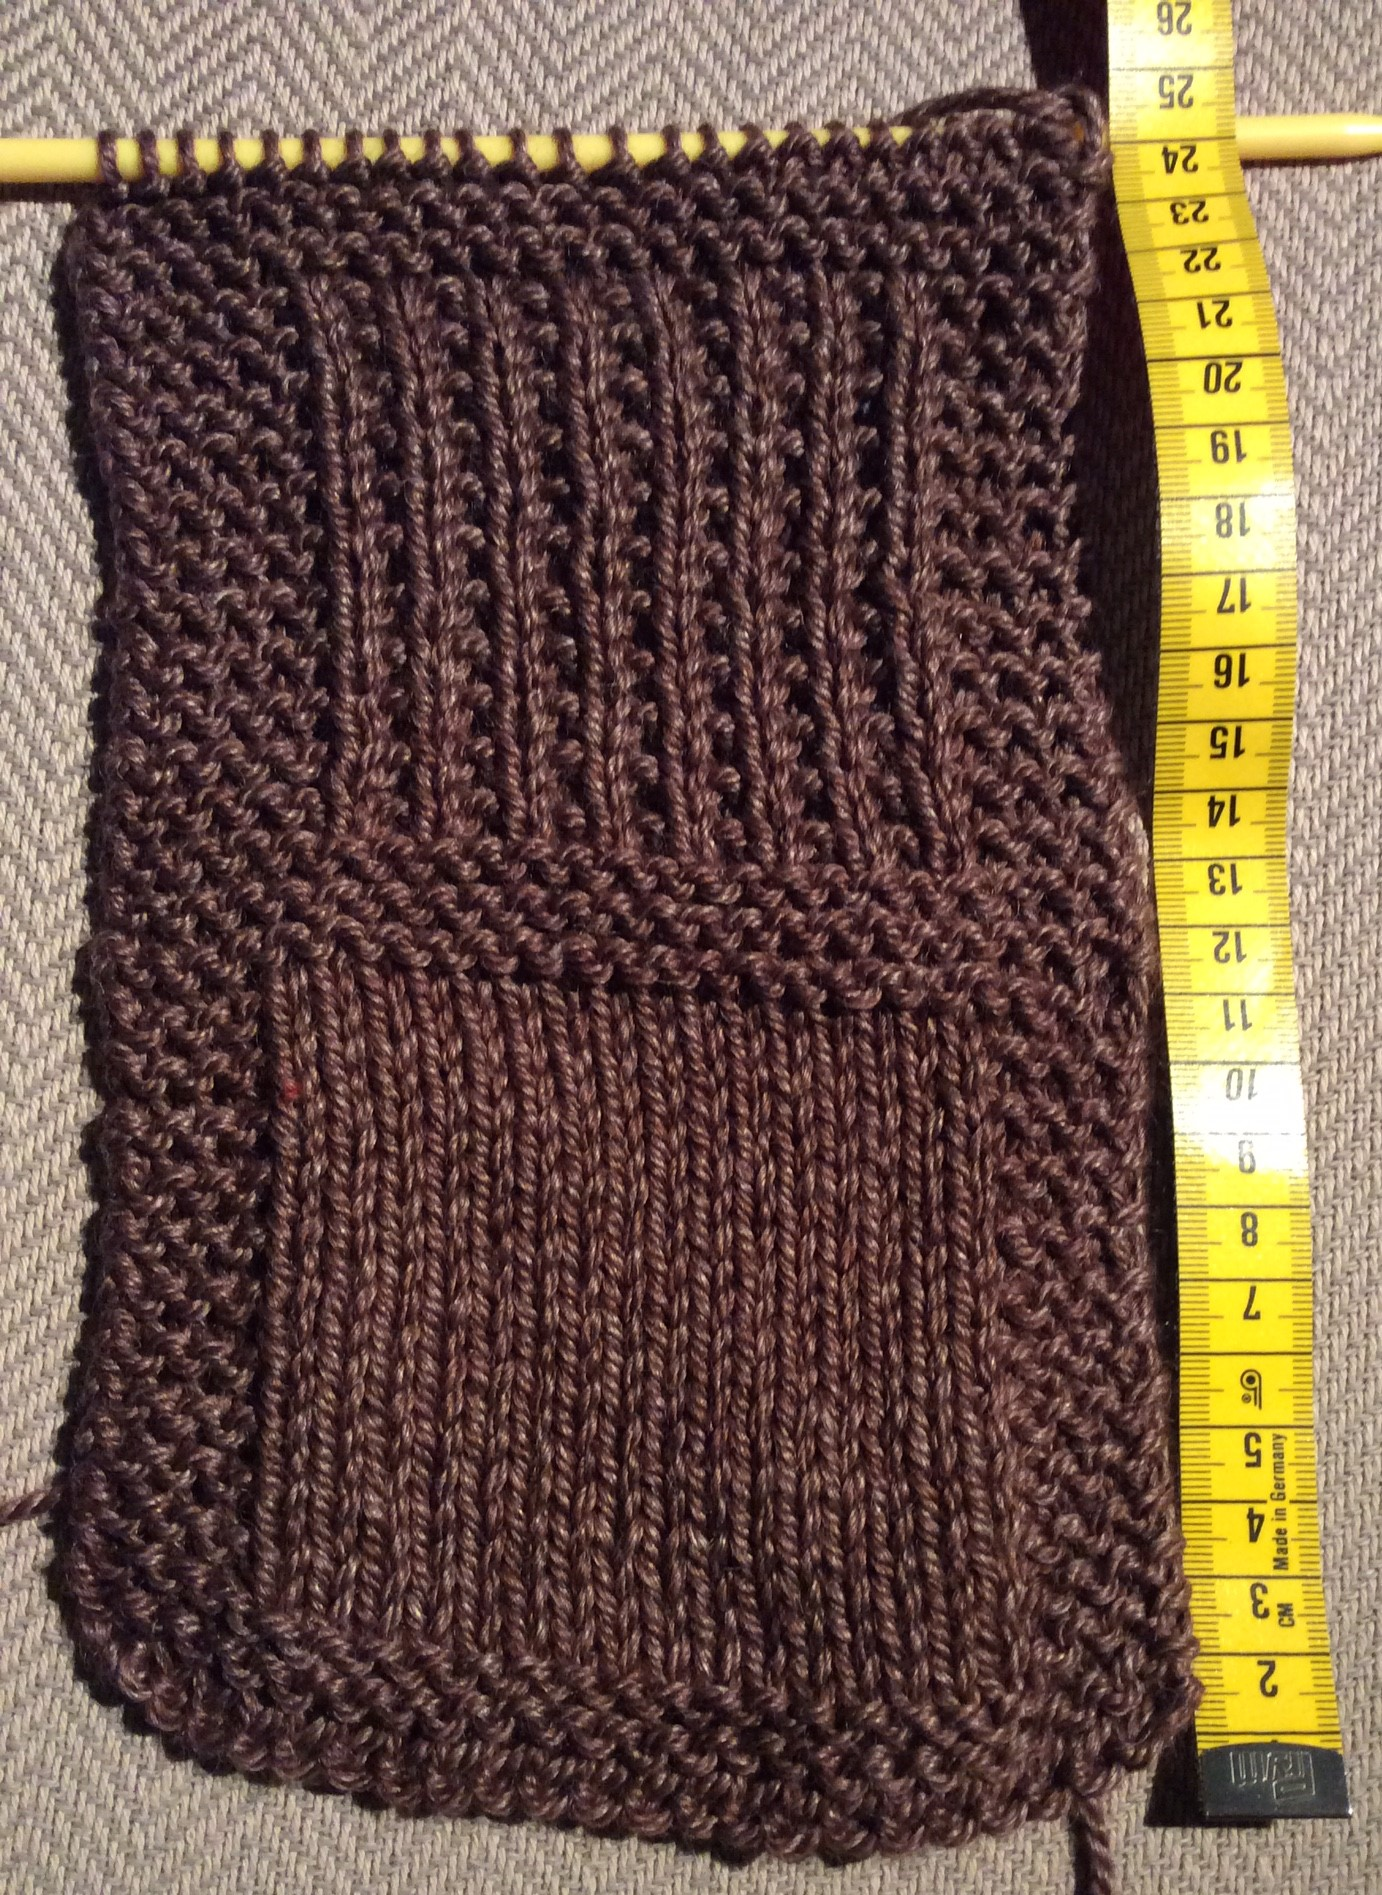 swatch Onion yarn.JPG